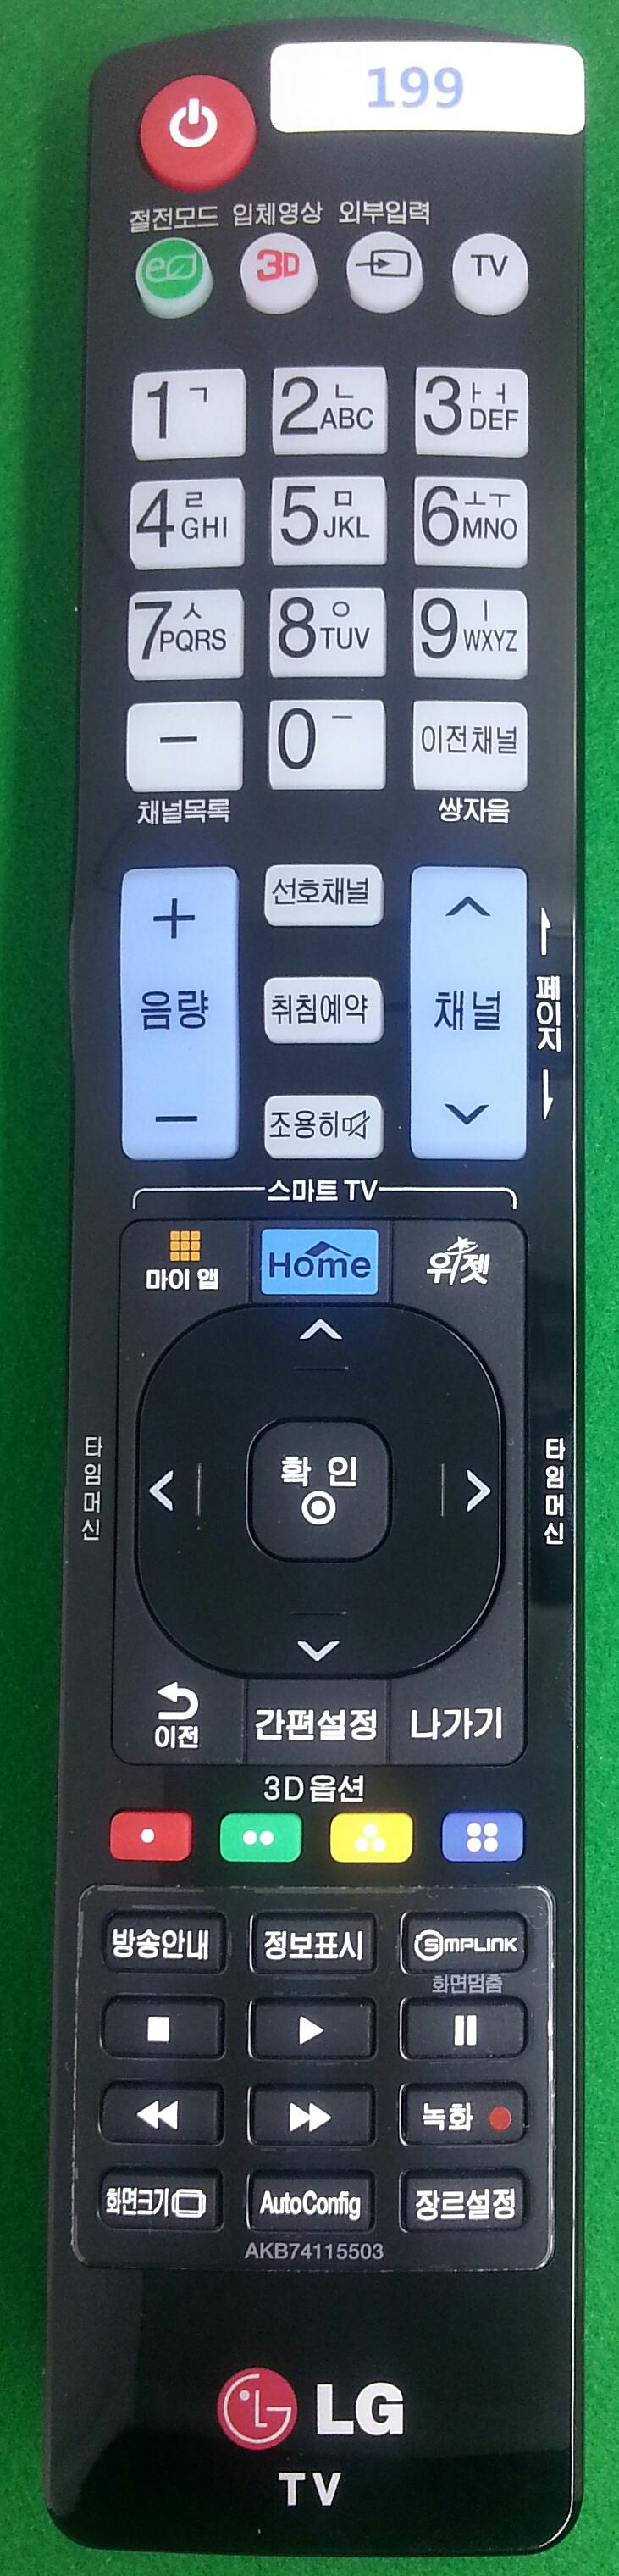 LG_199_cover-0.jpg